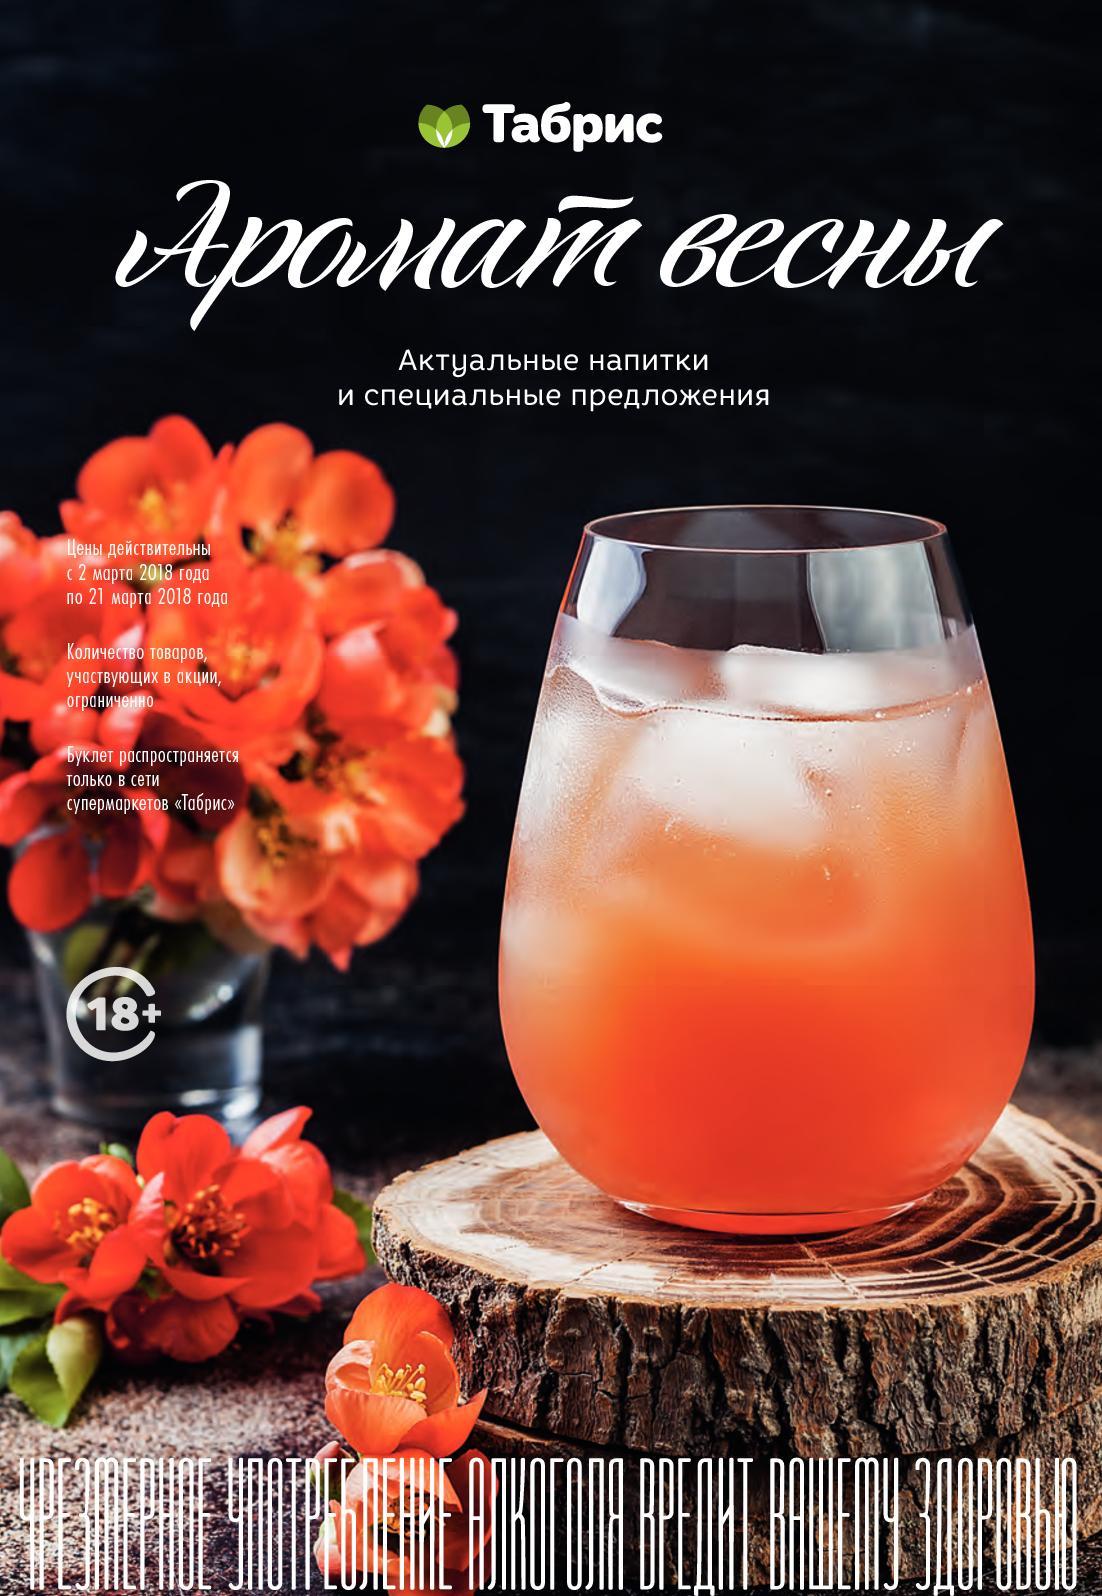 Аромат весны. Актуальные напитки. Март 2018